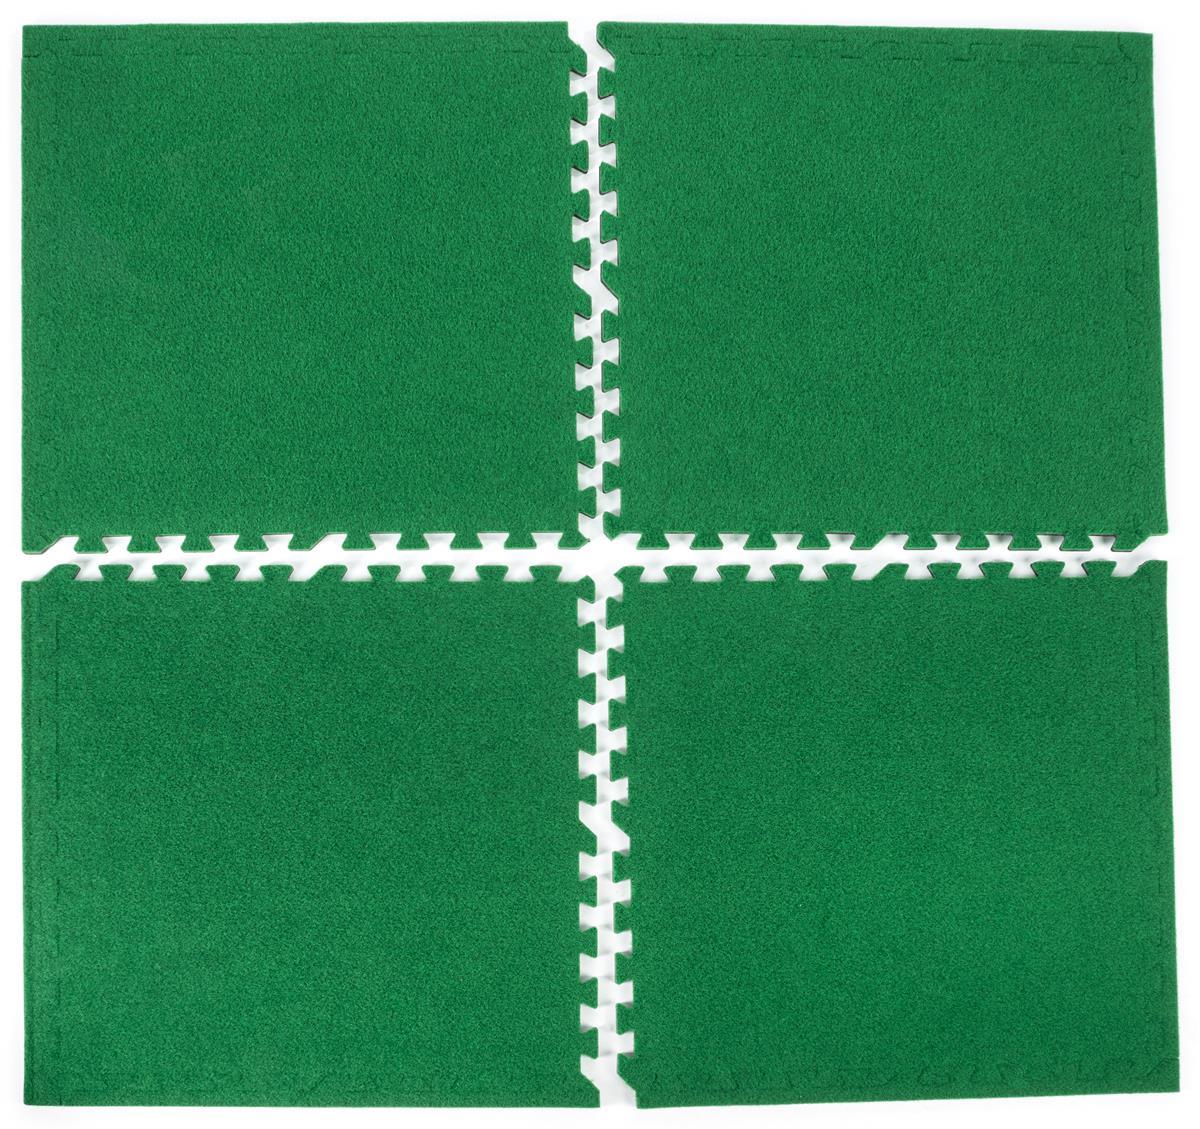 Soft Turf Carpet Tiles Grass Green